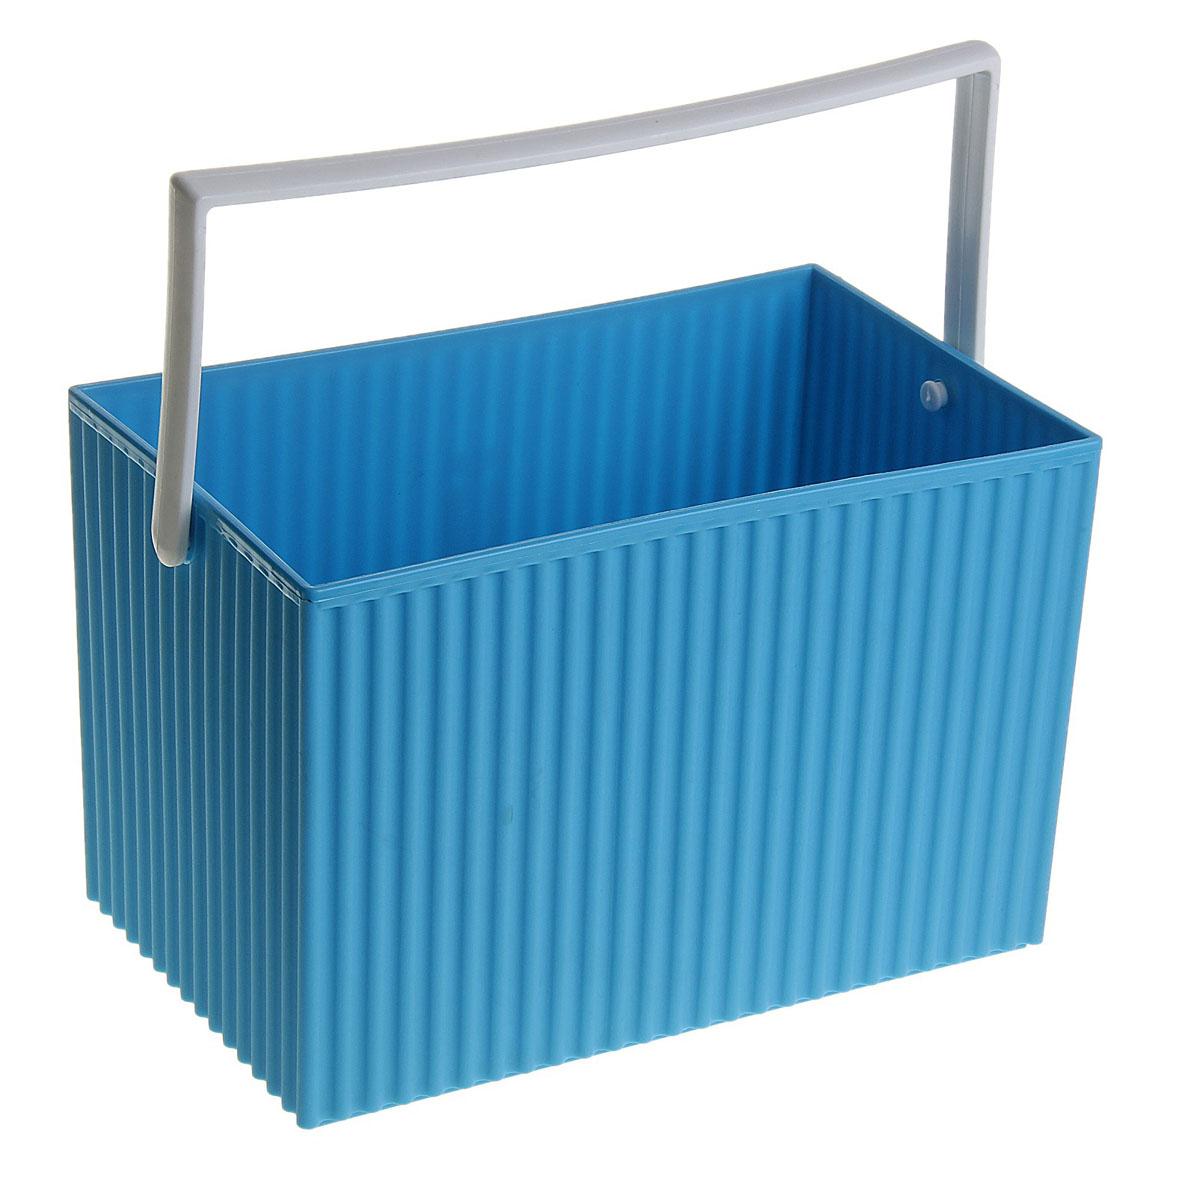 Ящик для бытовых вещей Sima-land, с ручкой, цвет: синий147455Ящик Sima-land изготовлен из высококачественного пластика. Ящик предназначен для хранения различных бытовых мелочей. Ящик имеет ручку, благодаря которой ящик можно без проблем переносить с места на место. Ящик для бытовых вещей Sima-land поможет содержать ваши вещи в порядке. Размер ящика: 22 см х 13,5 см х 15 см.